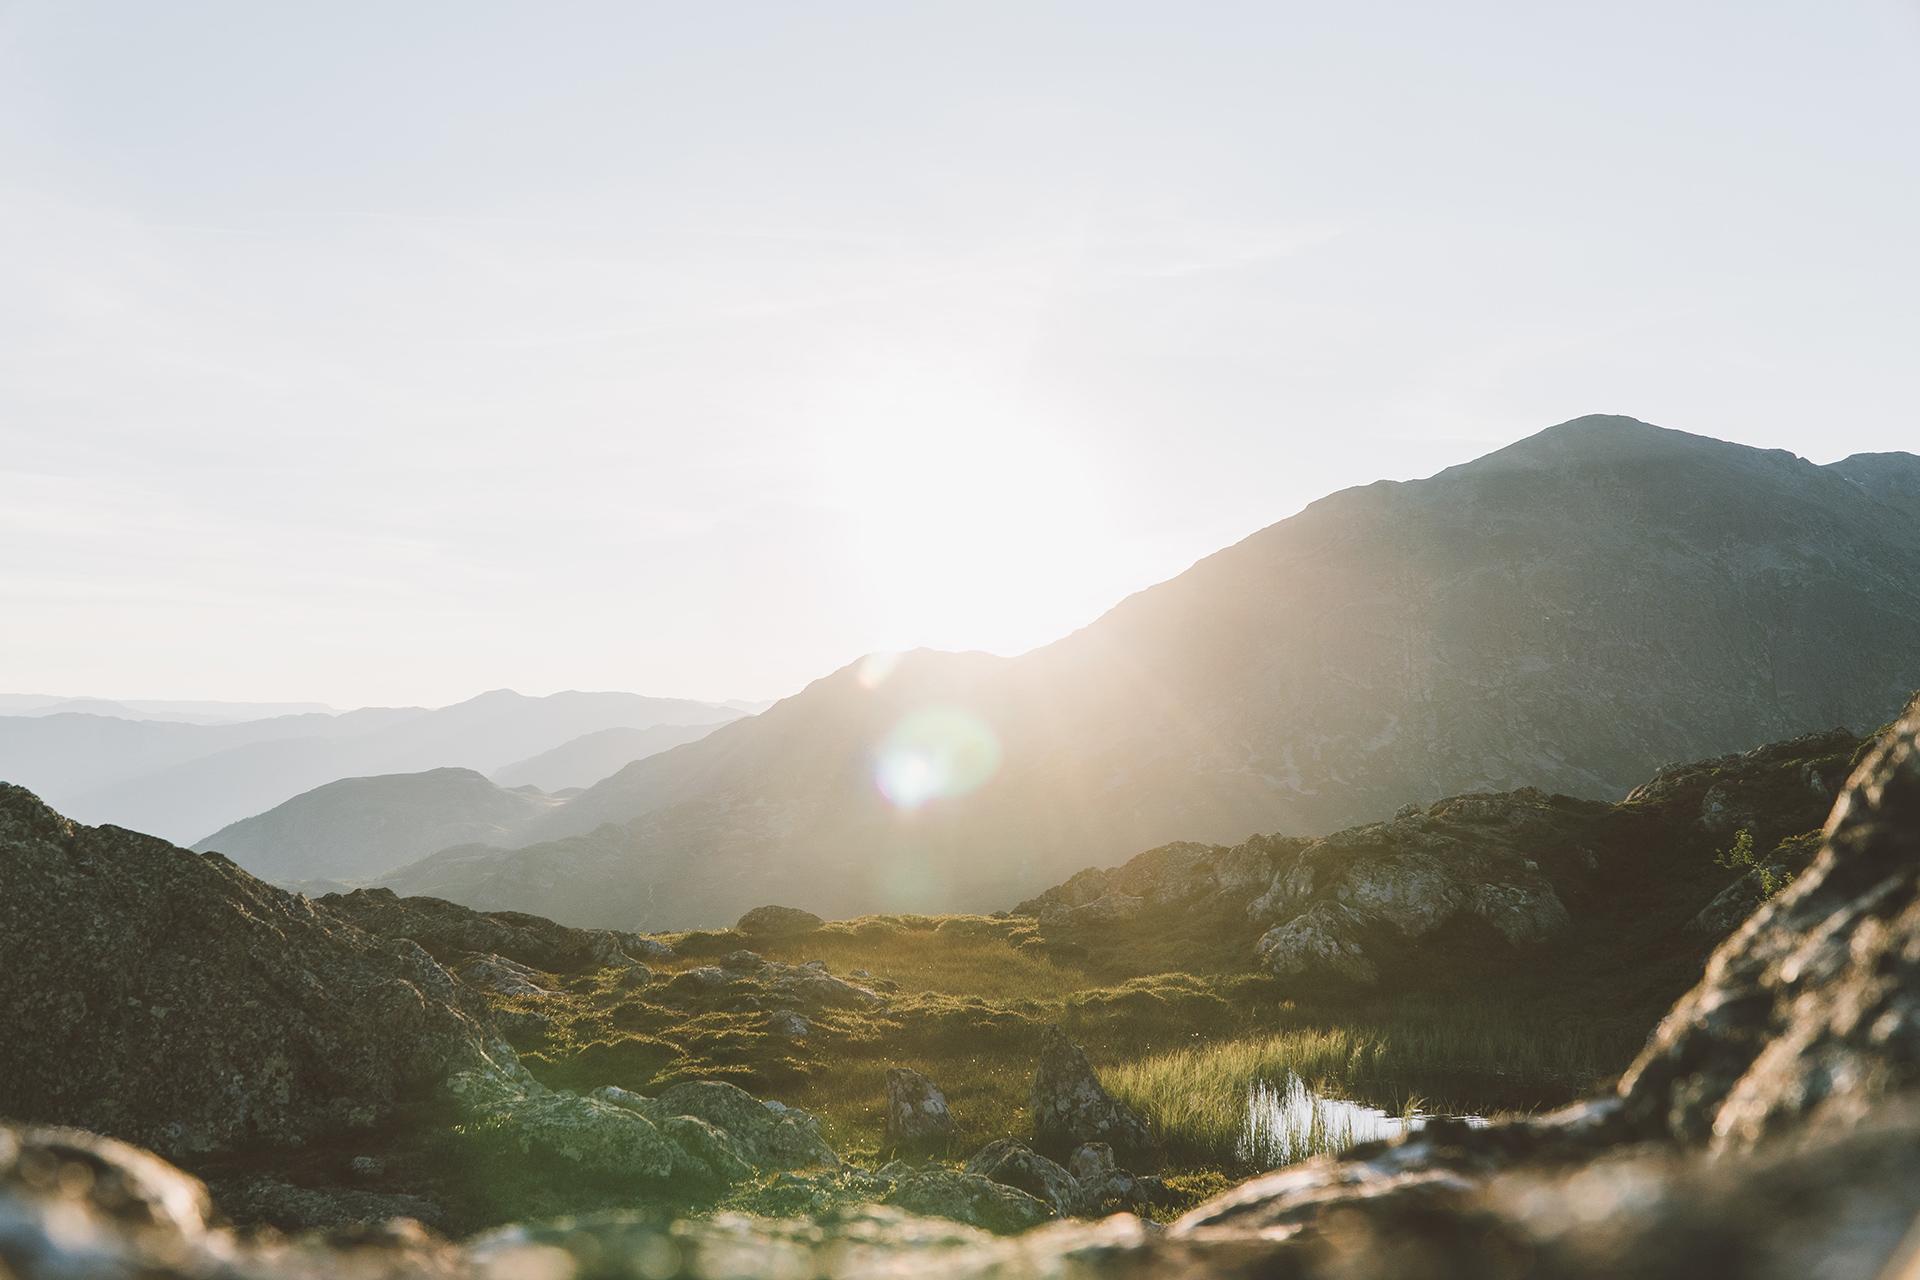 ¡Vive tu espacio con nueva luz y salud para ser feliz!